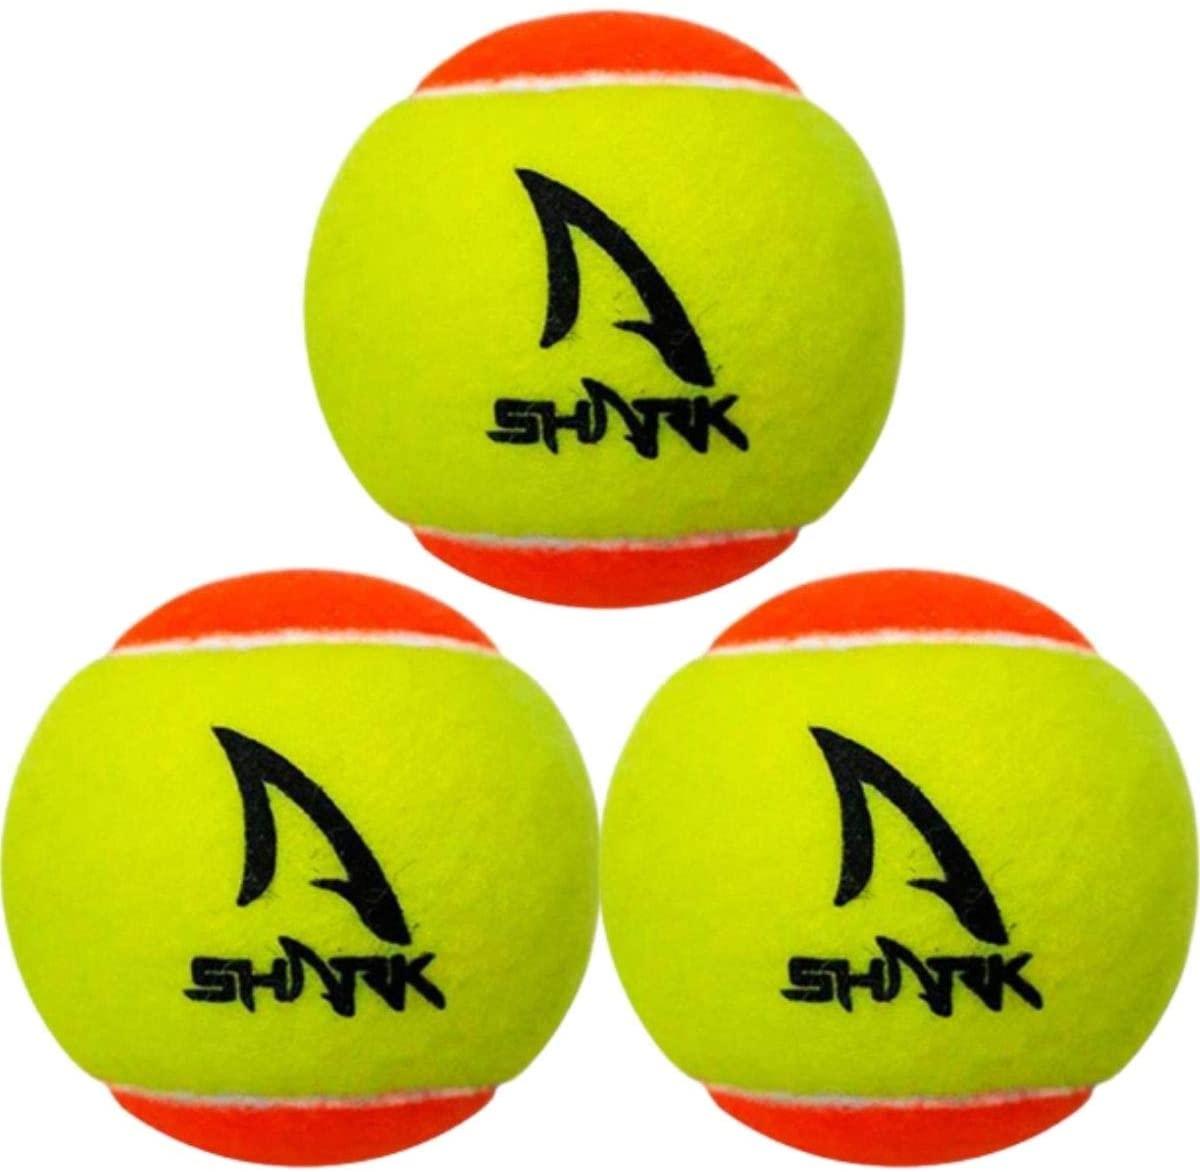 Bola de Beach Tennis Shark c/3 Unidades